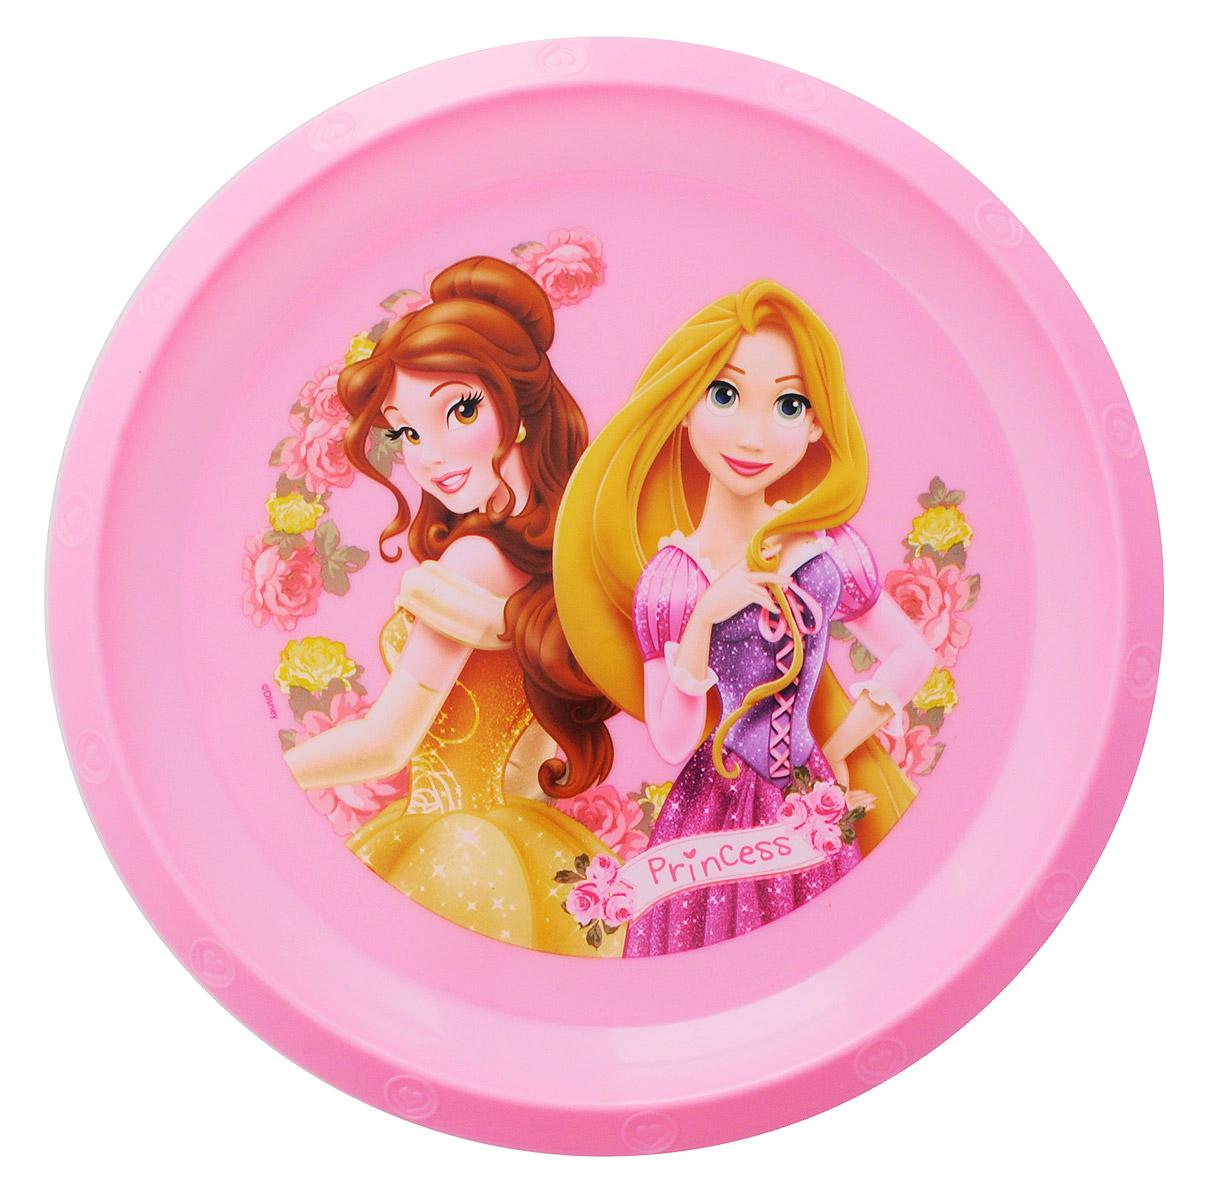 Disney Тарелка детская Принцессы Белль и Рапунцель59212_розовыйДетская тарелка Disney Принцессы Белль и Рапунцель идеально подойдет для кормления малыша и самостоятельного приема им пищи. Тарелка выполнена из безопасного полипропилена, дно оформлено высококачественным изображением принцесс из диснеевских сказок. Такой подарок станет не только приятным, но и практичным сувениром, добавит ярких эмоций вашему ребенку! Тарелка не предназначена для использования в СВЧ-печи и посудомоечной машине.